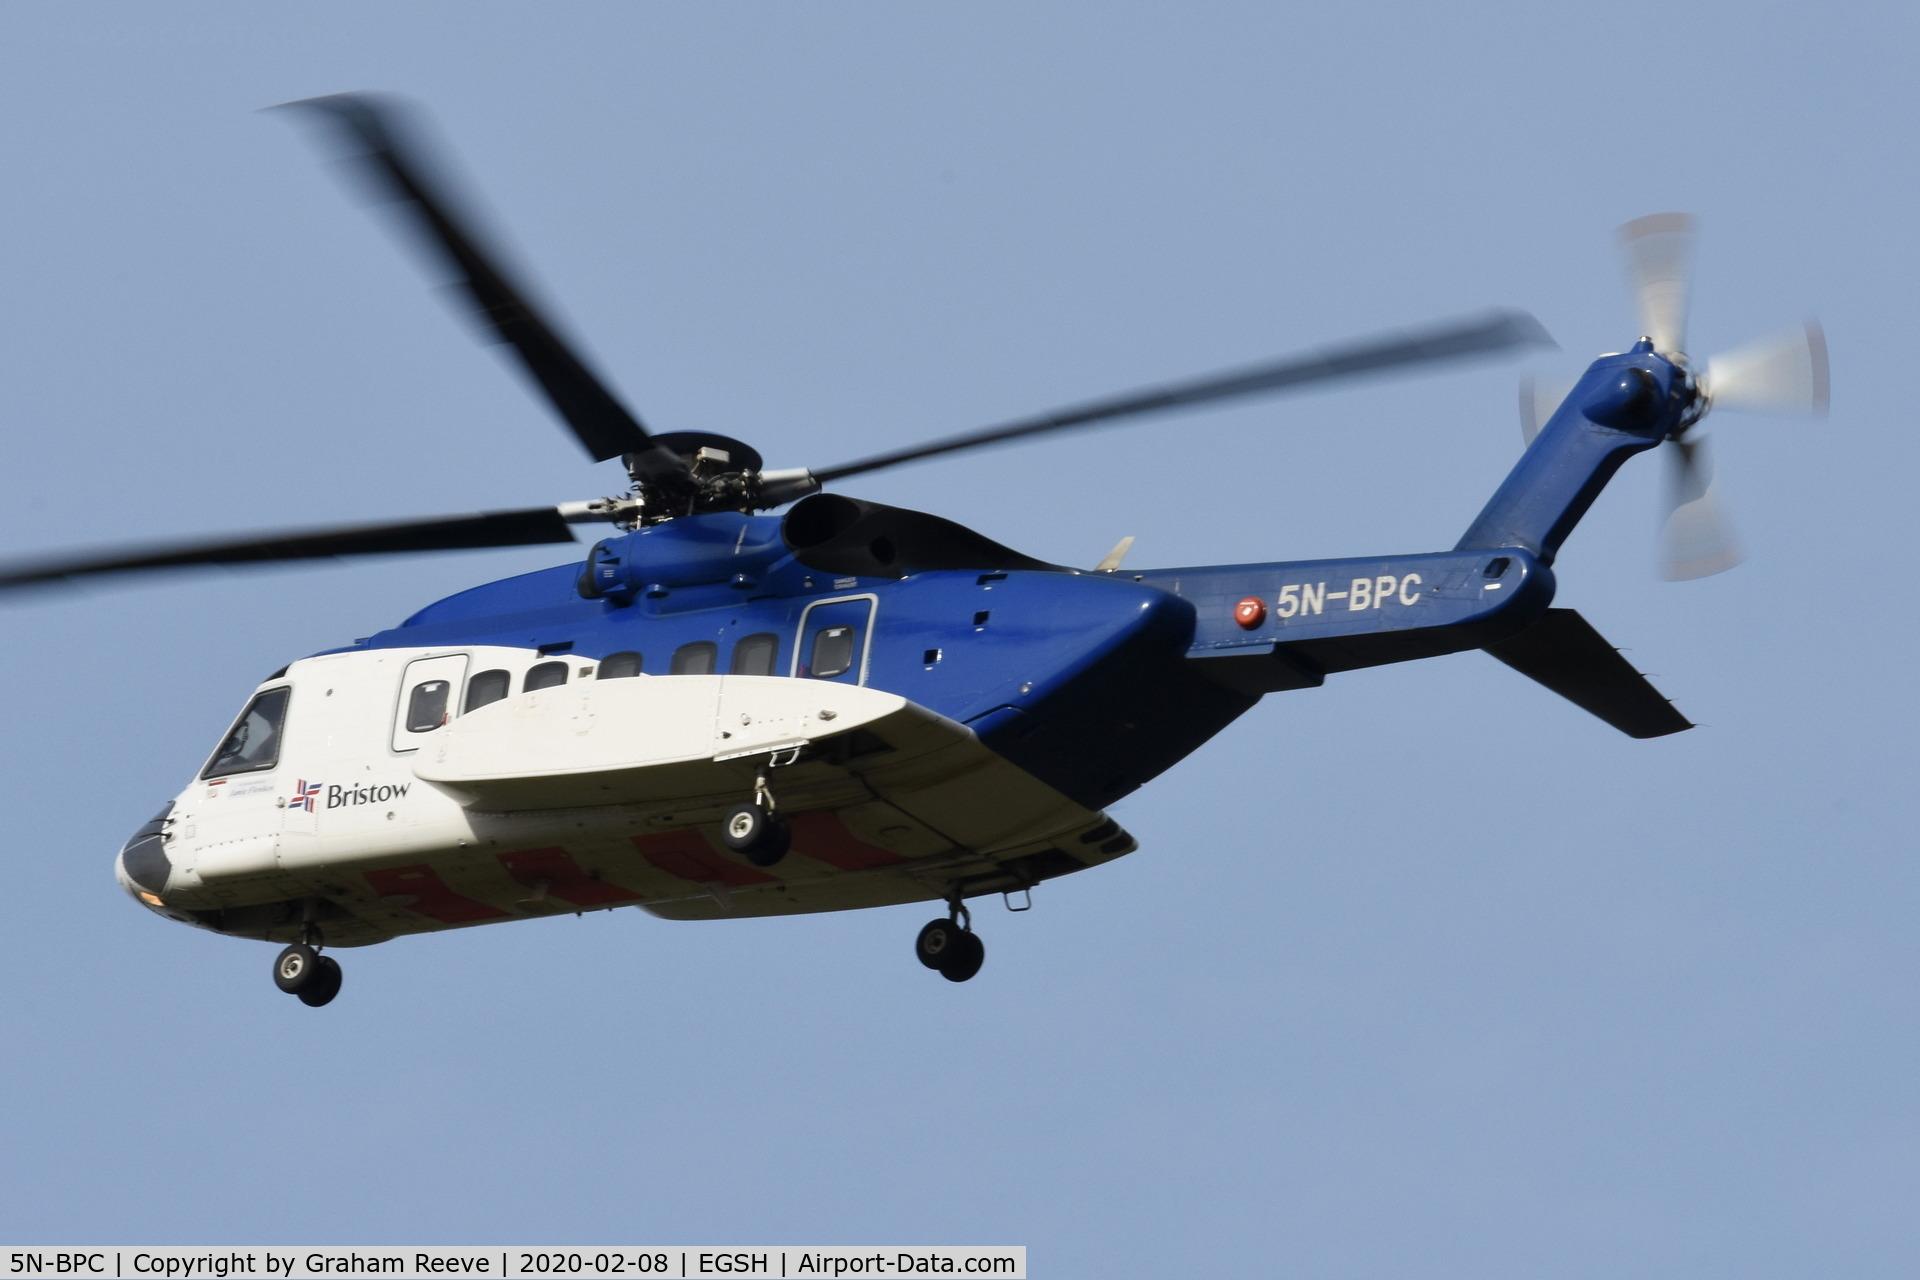 5N-BPC, 2013 Sikorsky S-92A C/N 920212, Landing at Norwich.